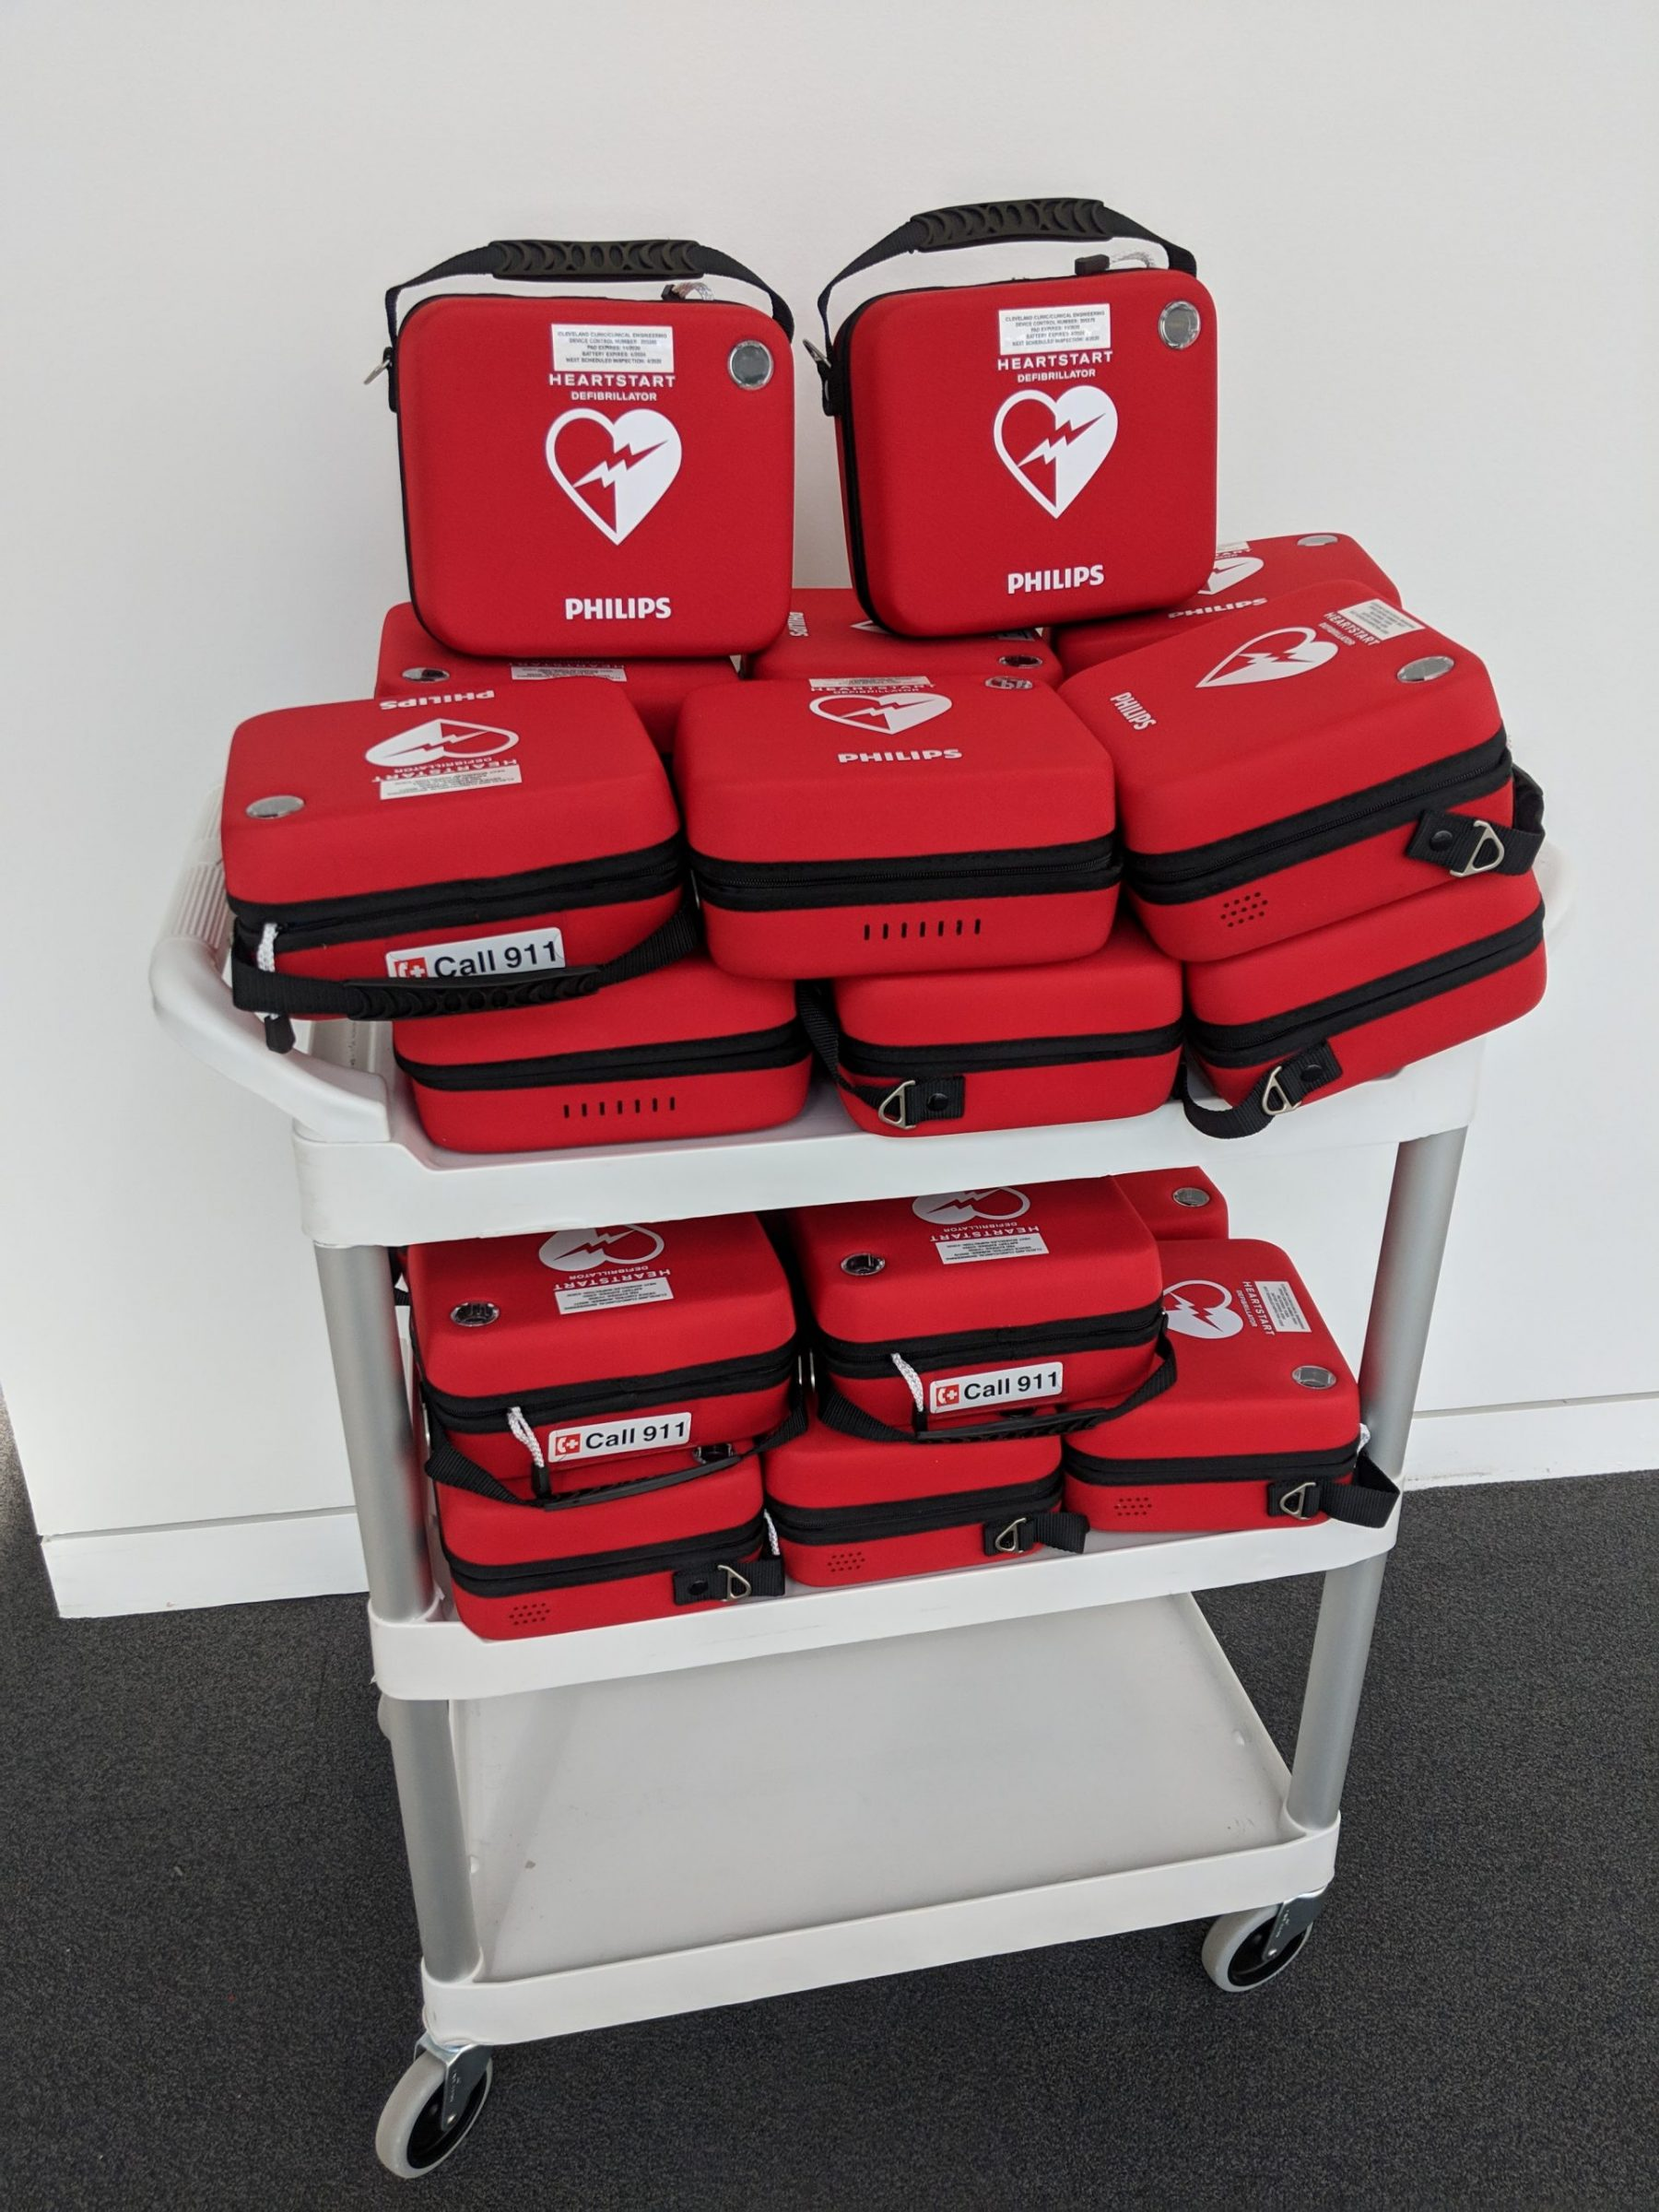 AED Defibrillators